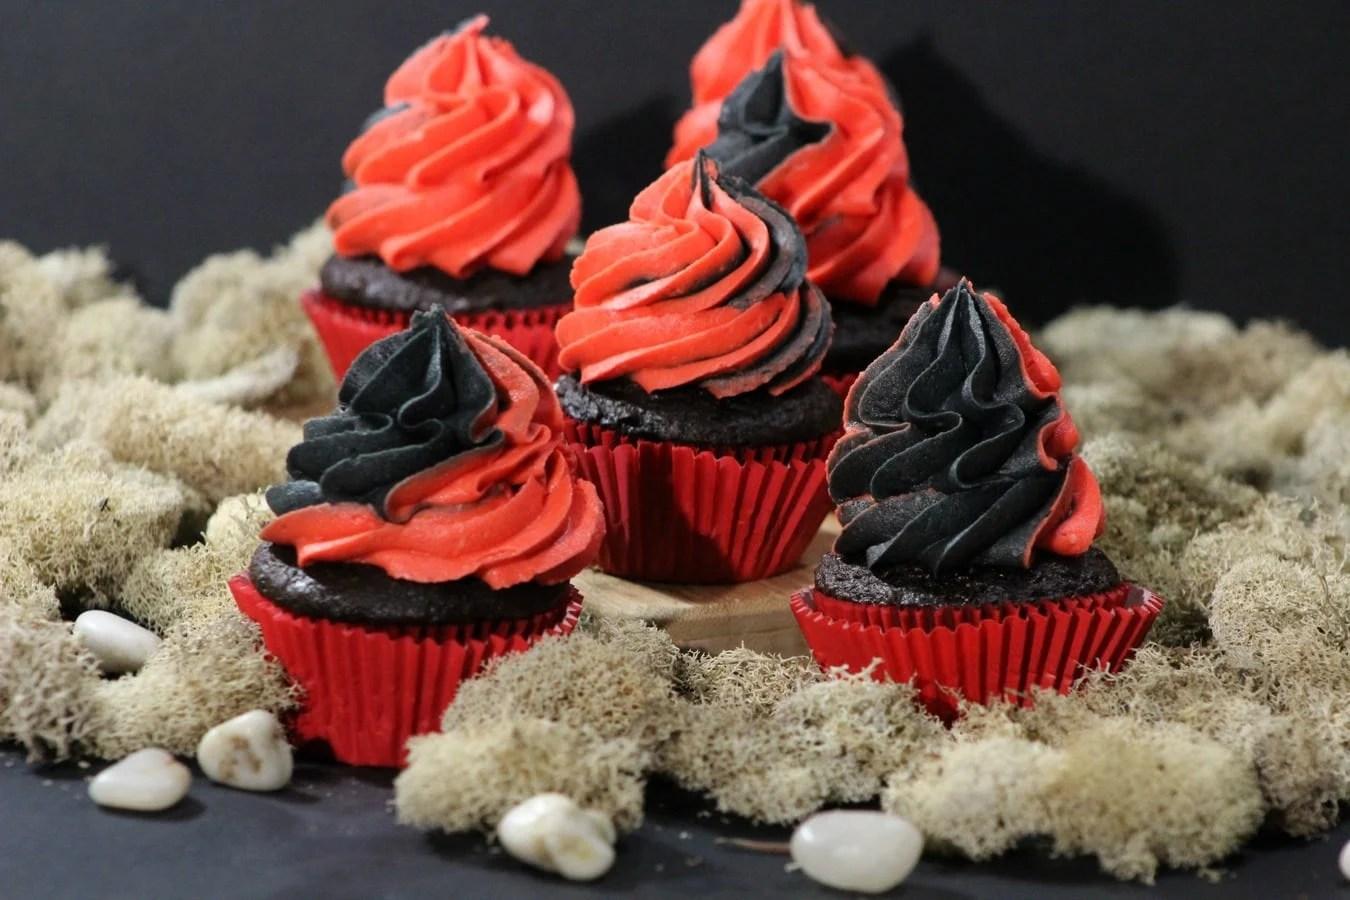 kylo ren cupcake